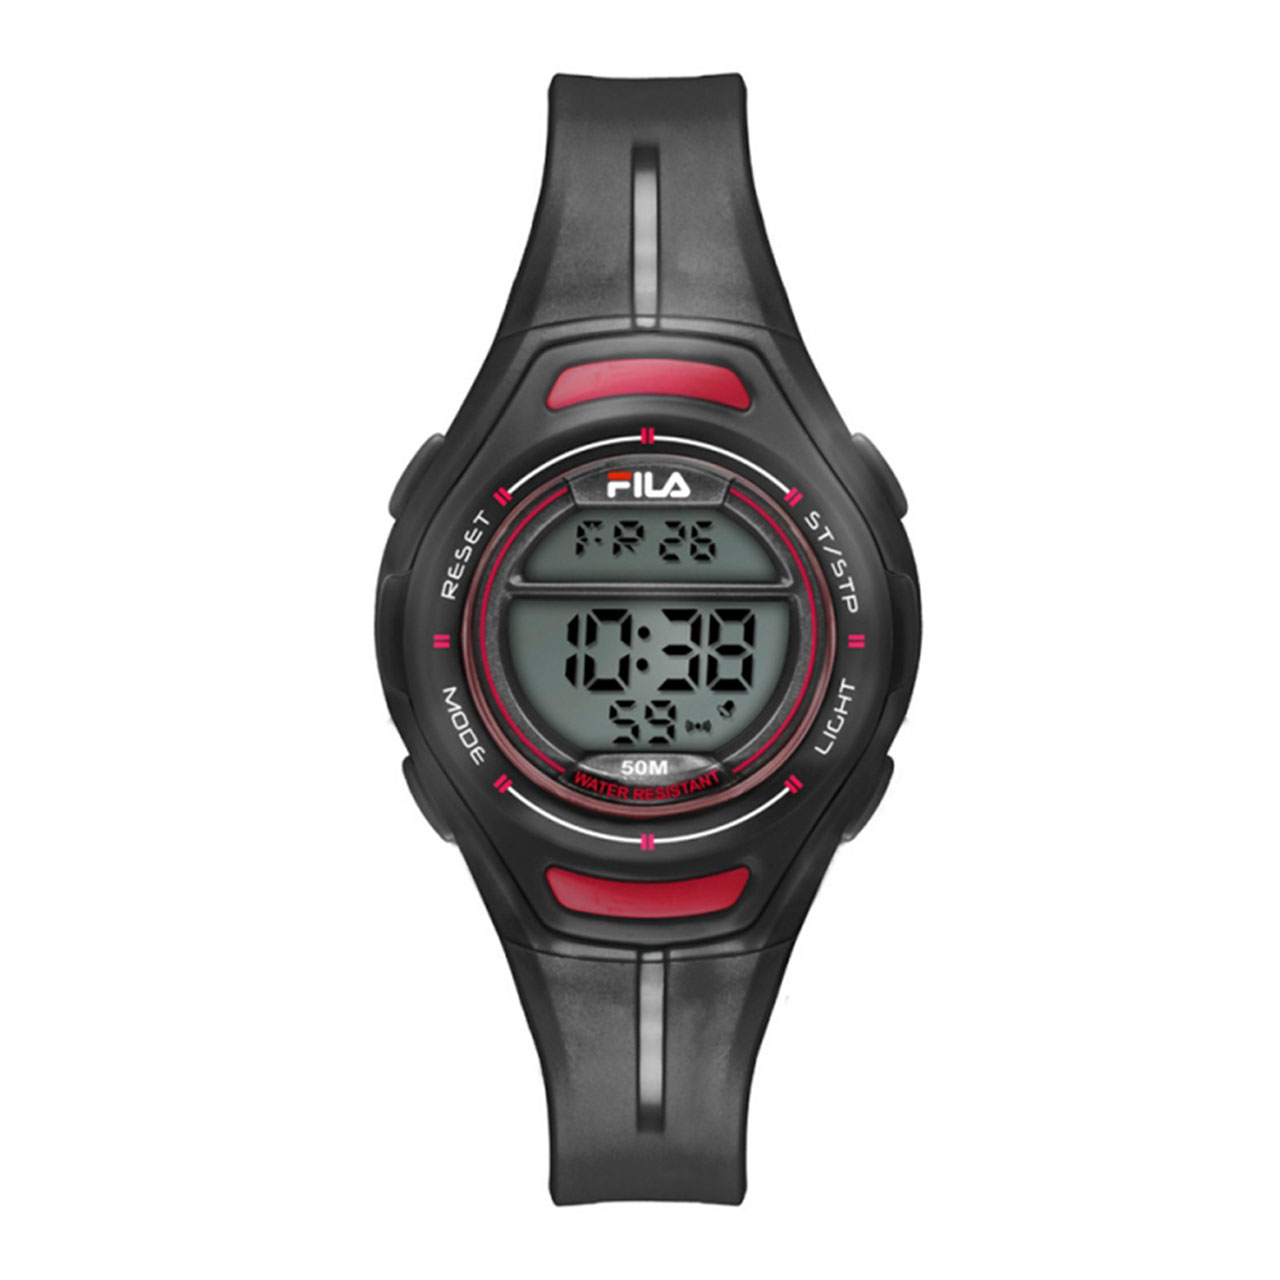 ساعت مچی دیجیتالی زنانه ی فیلا مدل 38-098-003 30